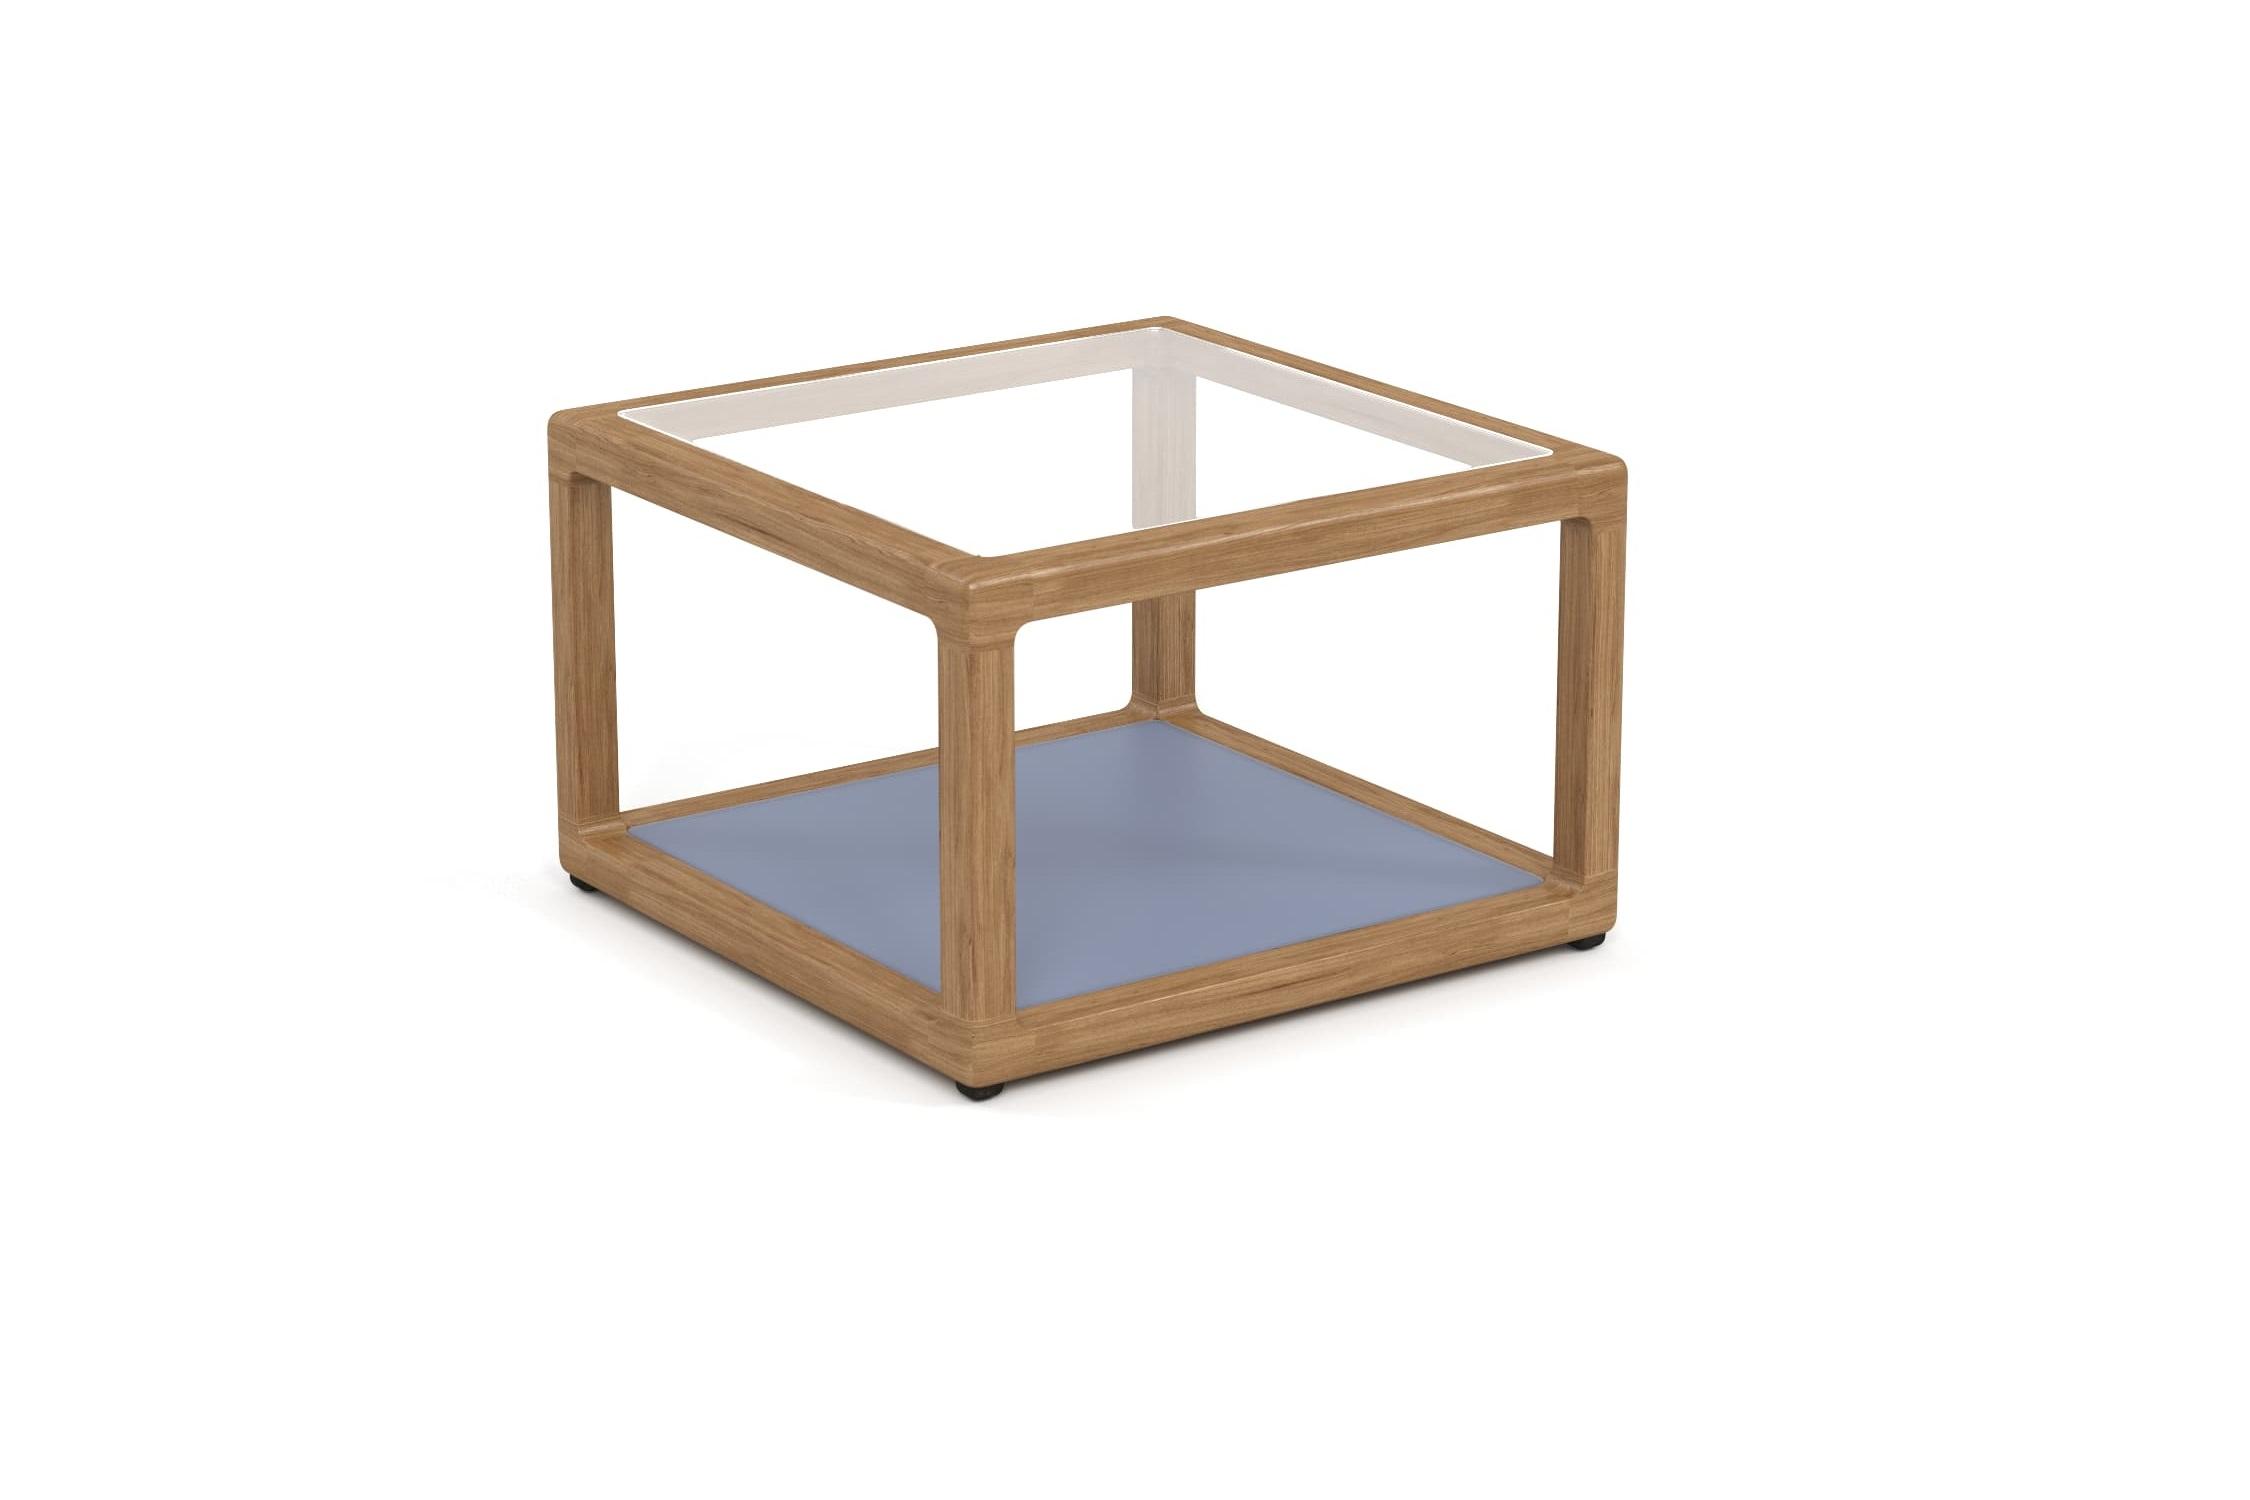 Стол журнальный SeagullСтолы и столики для сада<br>&amp;lt;div&amp;gt;Коллекция SEAGULL – воплощение природной простоты и естественного совершенства. Мебель привлекает тёплыми тонами, уникальностью материала и идеальными пропорциями. Стеклянные столешницы обеденных и журнальных столов по цвету гармонируют с тканью подушек, удобные диваны и «утопающие» кресла дарят ощущения спокойствия и комфорта.&amp;amp;nbsp;&amp;lt;/div&amp;gt;&amp;lt;div&amp;gt;&amp;lt;br&amp;gt;&amp;lt;/div&amp;gt;&amp;lt;div&amp;gt;Тик – прочная и твердая древесина, относится к ценным породам. Имеет темно-золотистый цвет и сохраняет его на протяжении очень длительного срока. Со временем приобретает благородный темно-серый или темно-коричневый цвет. Благодаря высокому содержанию природных масел, обладает высокой стойкостью против гниения, кислот и щелочей, не вызывает коррозию металлов. Тик содержит кислоты кремния и танина, придающие материалу стойкость к воздействию вредных внешних факторов. Древесина тика не подвержена воздействию термитов, не требует дополнительной антибактериальной обработки. Мебель из тика допускает круглогодичную эксплуатацию на открытом воздухе, выдерживает перепады температур от –30 до +30С. Срок службы более 25 лет.&amp;amp;nbsp;&amp;lt;/div&amp;gt;&amp;lt;div&amp;gt;&amp;lt;br&amp;gt;&amp;lt;/div&amp;gt;&amp;lt;div&amp;gt;Вся фурнитура изготовлена из нержавеющей стали на собственном производстве.&amp;amp;nbsp;&amp;lt;/div&amp;gt;&amp;lt;div&amp;gt;&amp;lt;br&amp;gt;&amp;lt;/div&amp;gt;<br><br>&amp;lt;iframe width=&amp;quot;530&amp;quot; height=&amp;quot;300&amp;quot; src=&amp;quot;https://www.youtube.com/embed/uL9Kujh07kc&amp;quot; frameborder=&amp;quot;0&amp;quot; allowfullscreen=&amp;quot;&amp;quot;&amp;gt;&amp;lt;/iframe&amp;gt;<br><br>Material: Тик<br>Ширина см: 60.0<br>Высота см: 40.0<br>Глубина см: 60.0